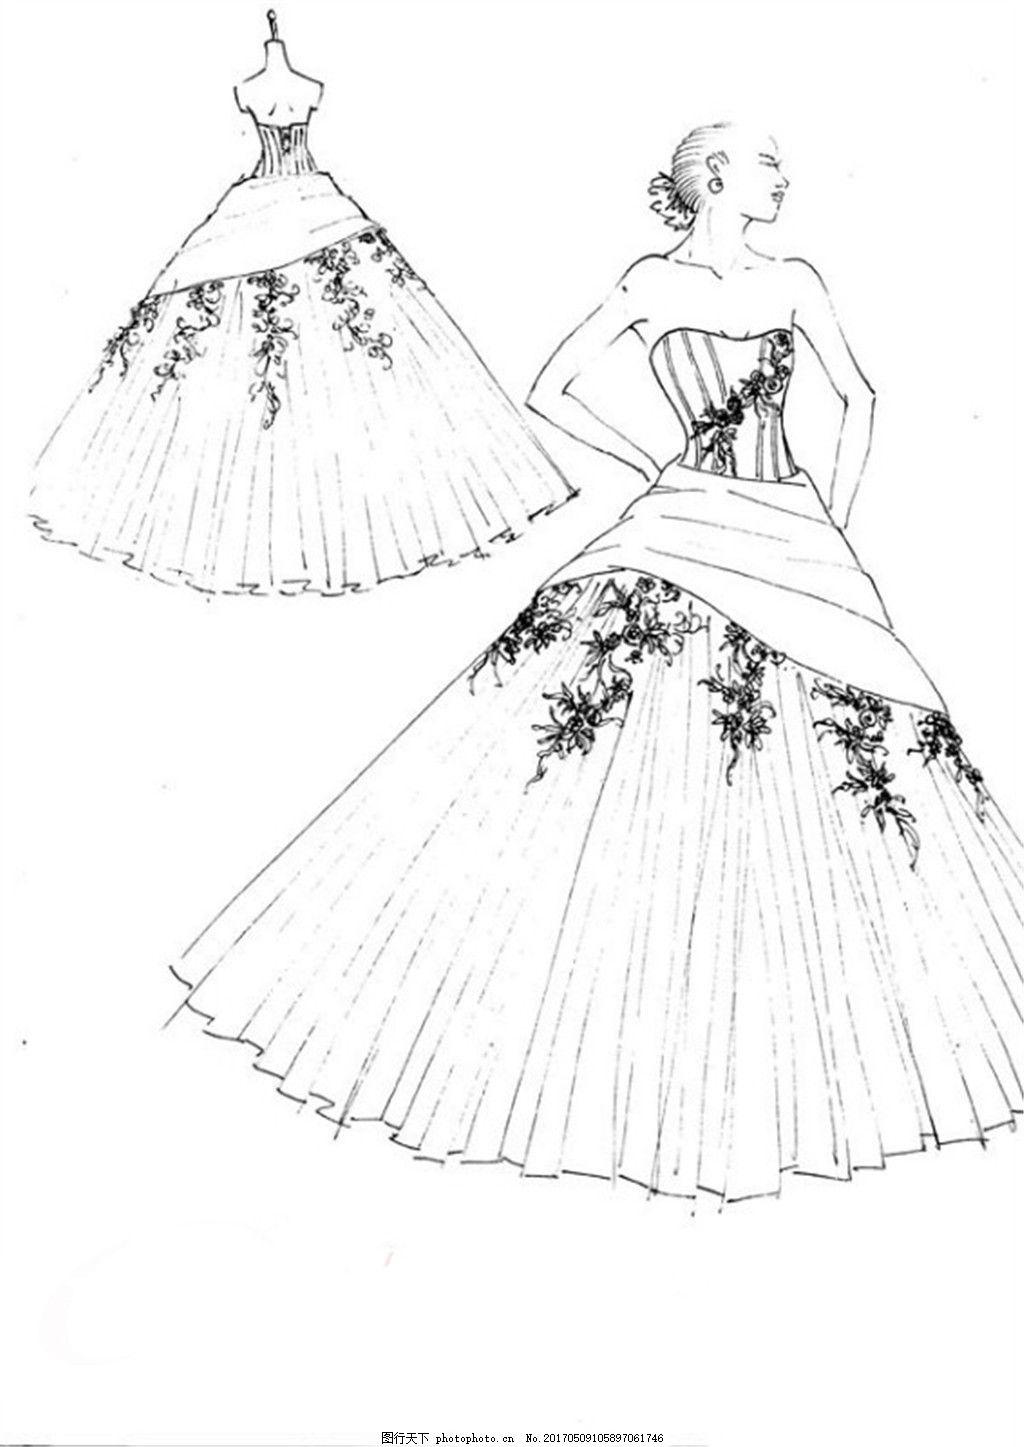 设计图库 现代科技 服装设计  条纹花纹抹胸礼服设计图 服装设计 时尚